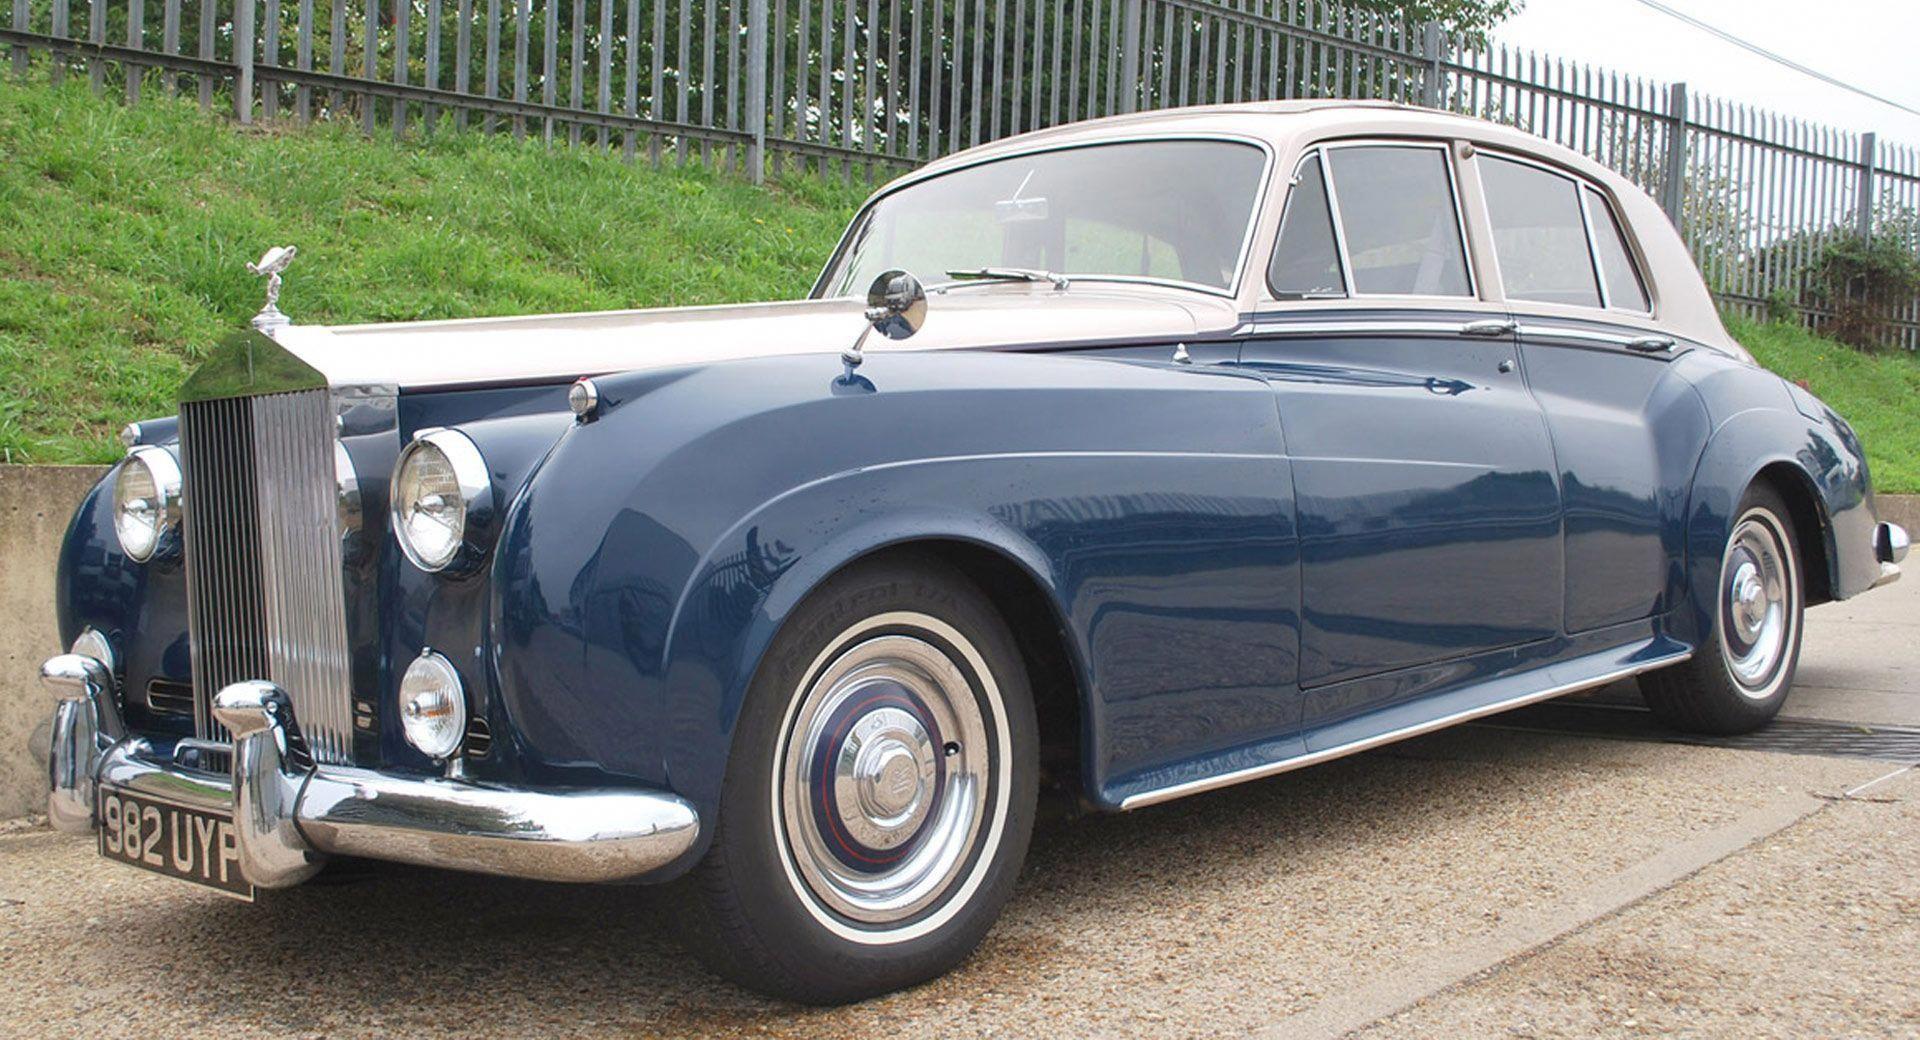 Rollsroyceclassiccars Rolls Royce Rolls Royce Silver Cloud